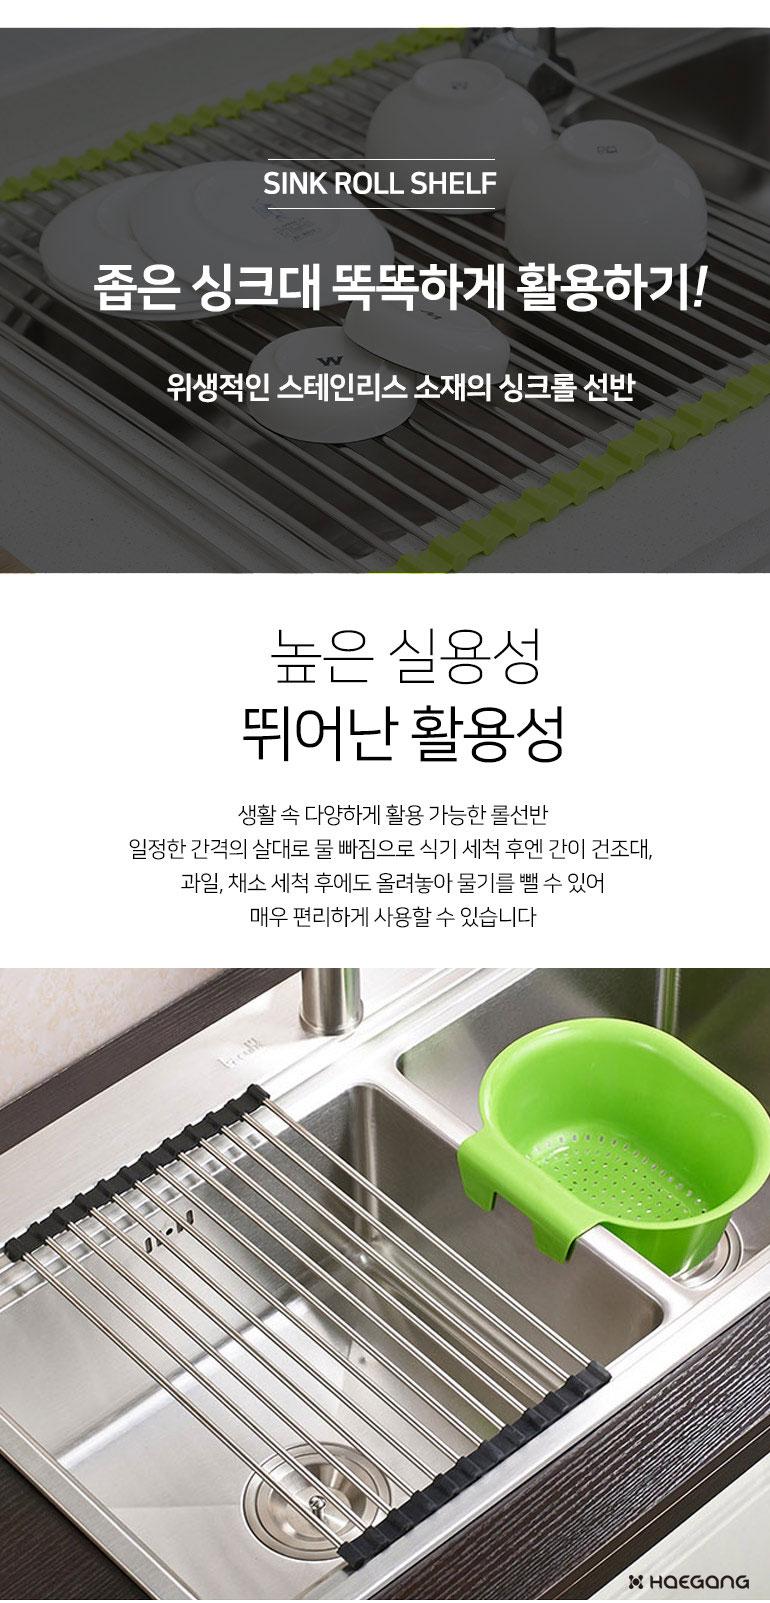 주방 싱크대 씽크롤선반 28x47cm - 세일덕, 5,500원, 주방정리용품, 식기건조대